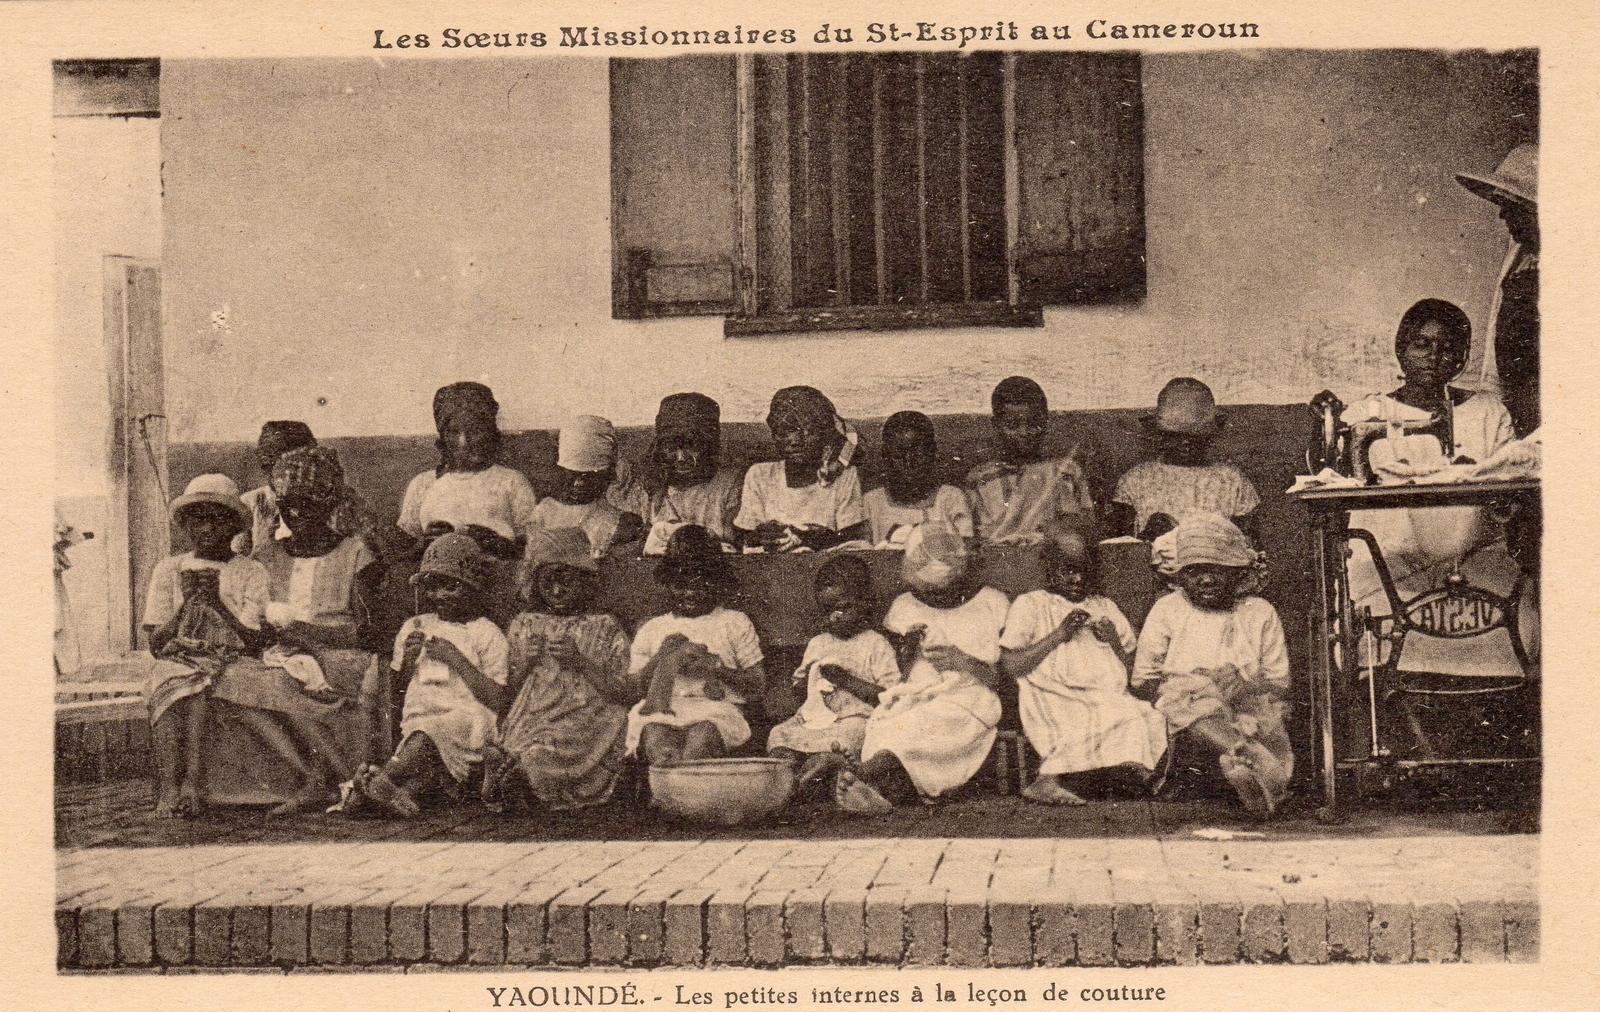 Yaoundé -  Les Soeurs Missionnaires du Saint Esprit Les petites internes à la leçon de couture